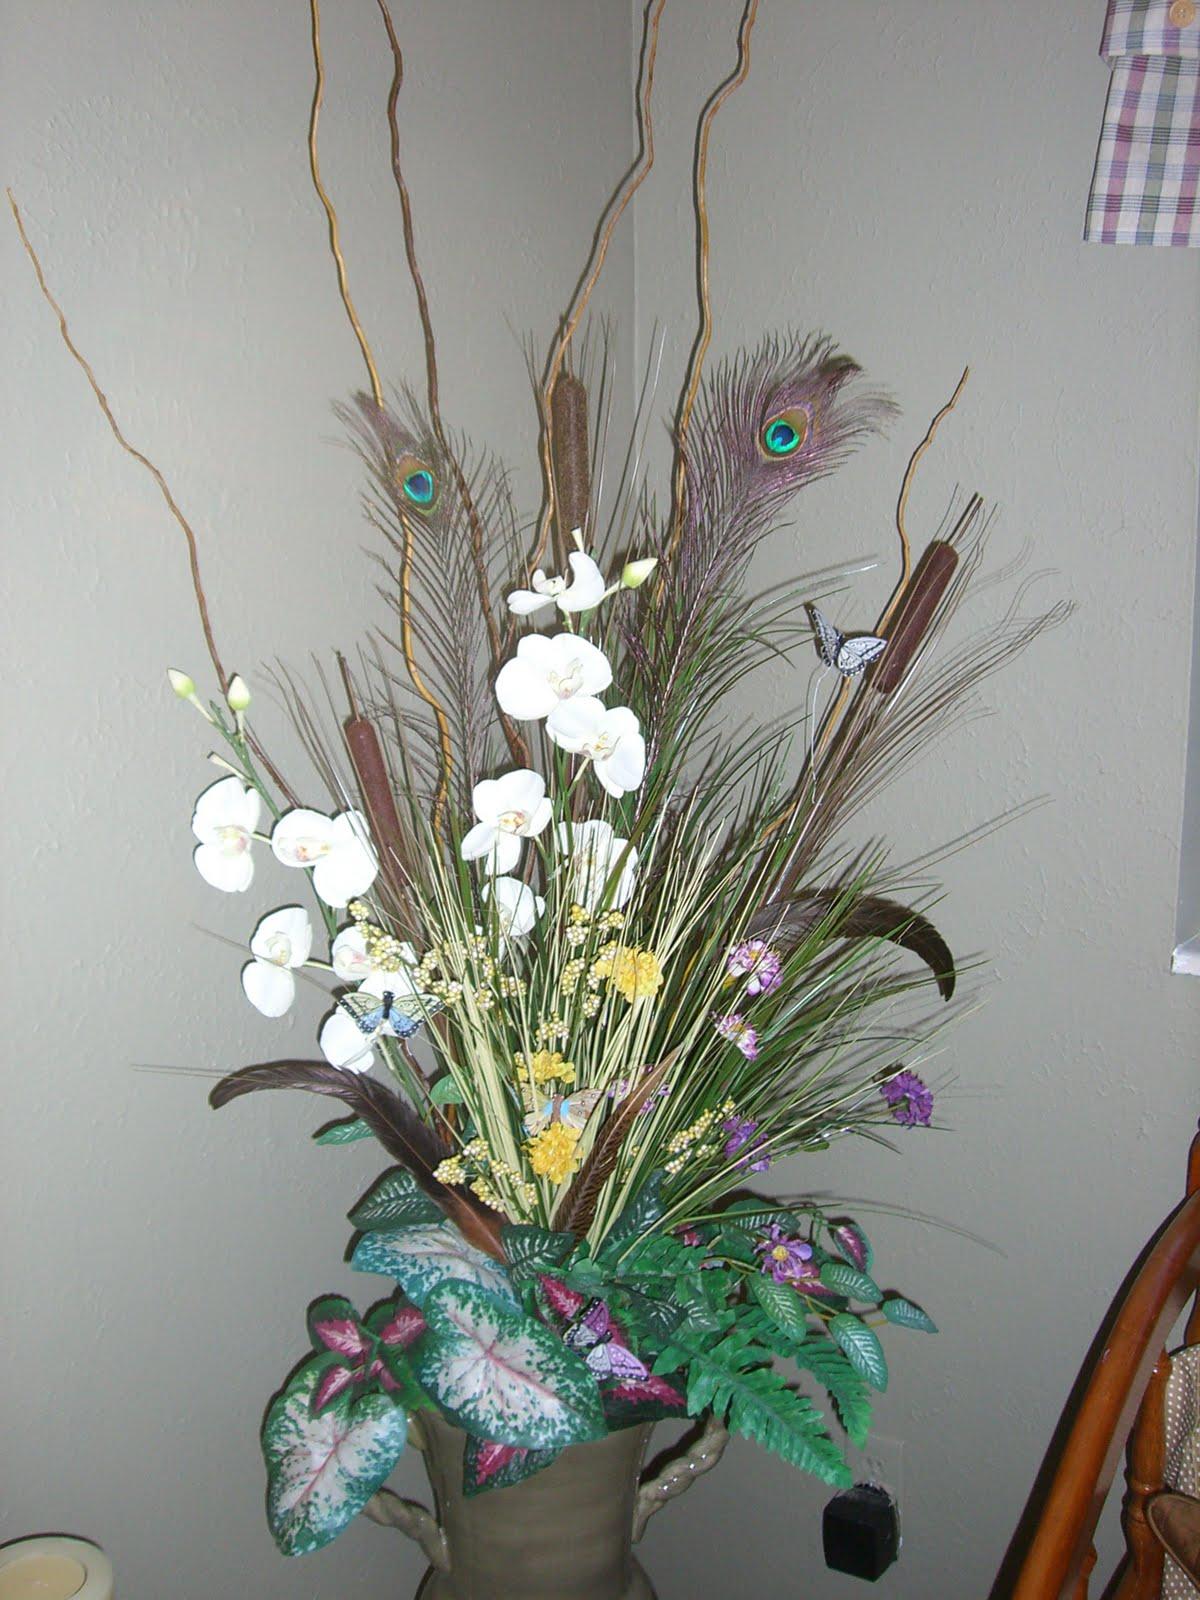 Farmers Heart in an Urban setting dry flower arrangements